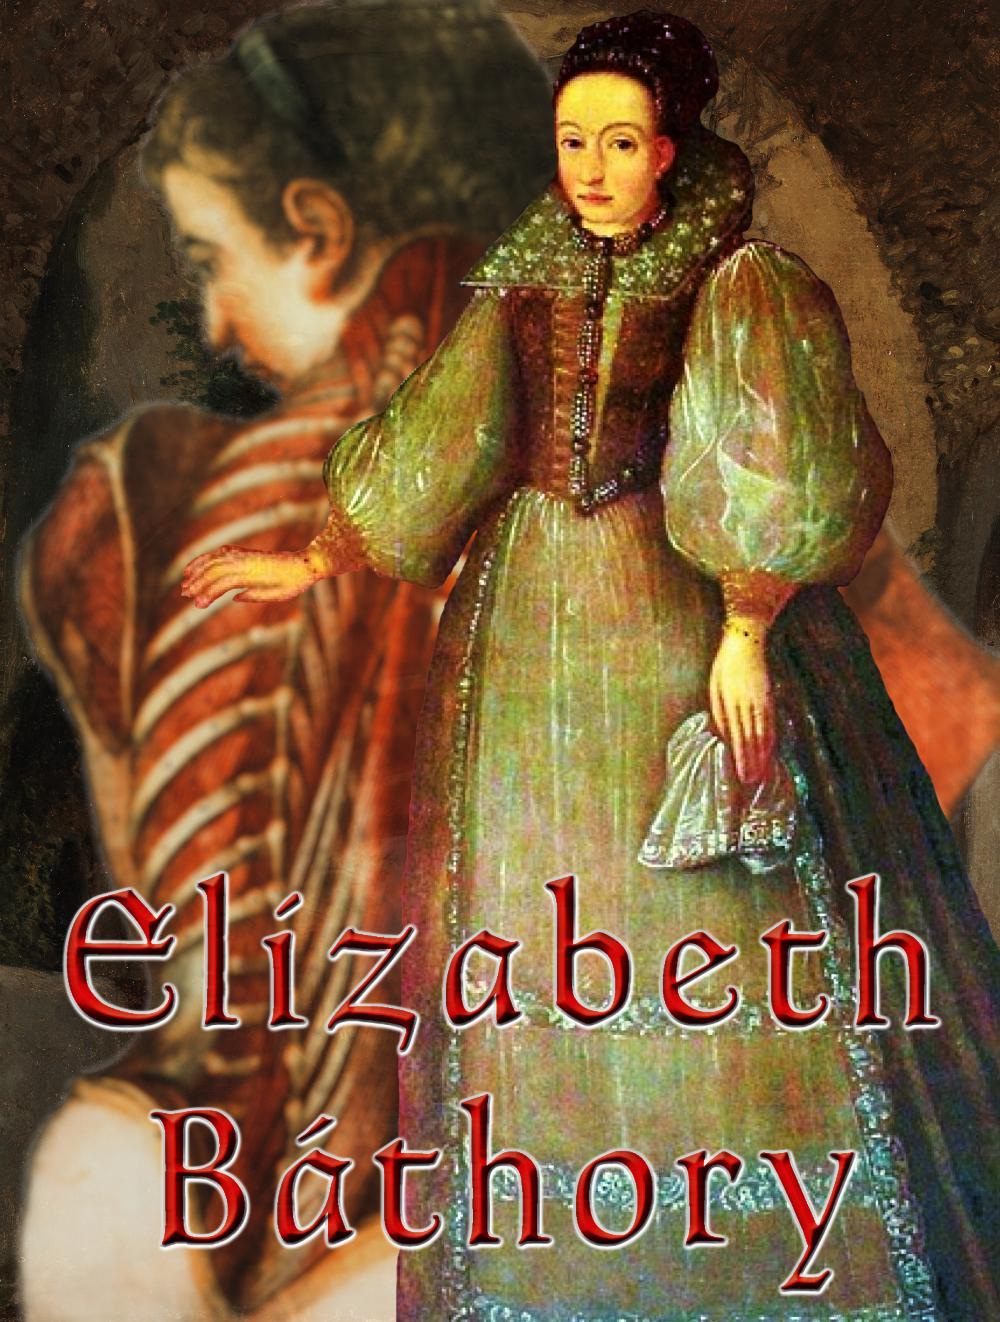 elizabeth bathory banner.jpg